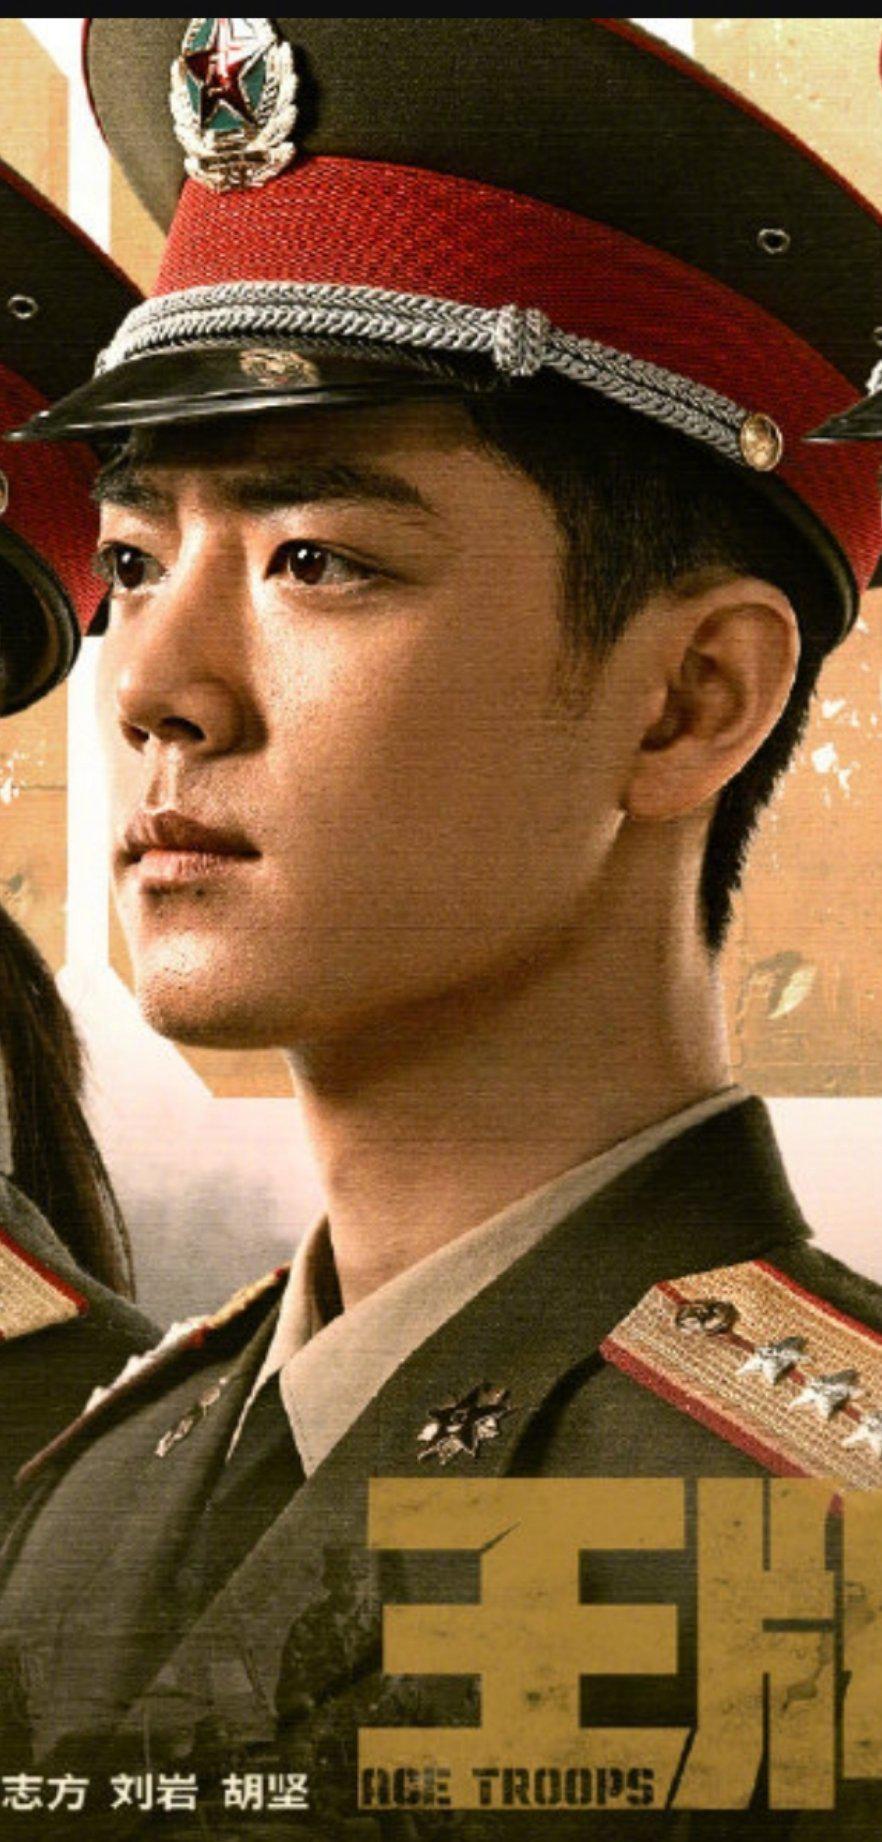 肖战《王牌部队》角色海报,军装又正又帅气!